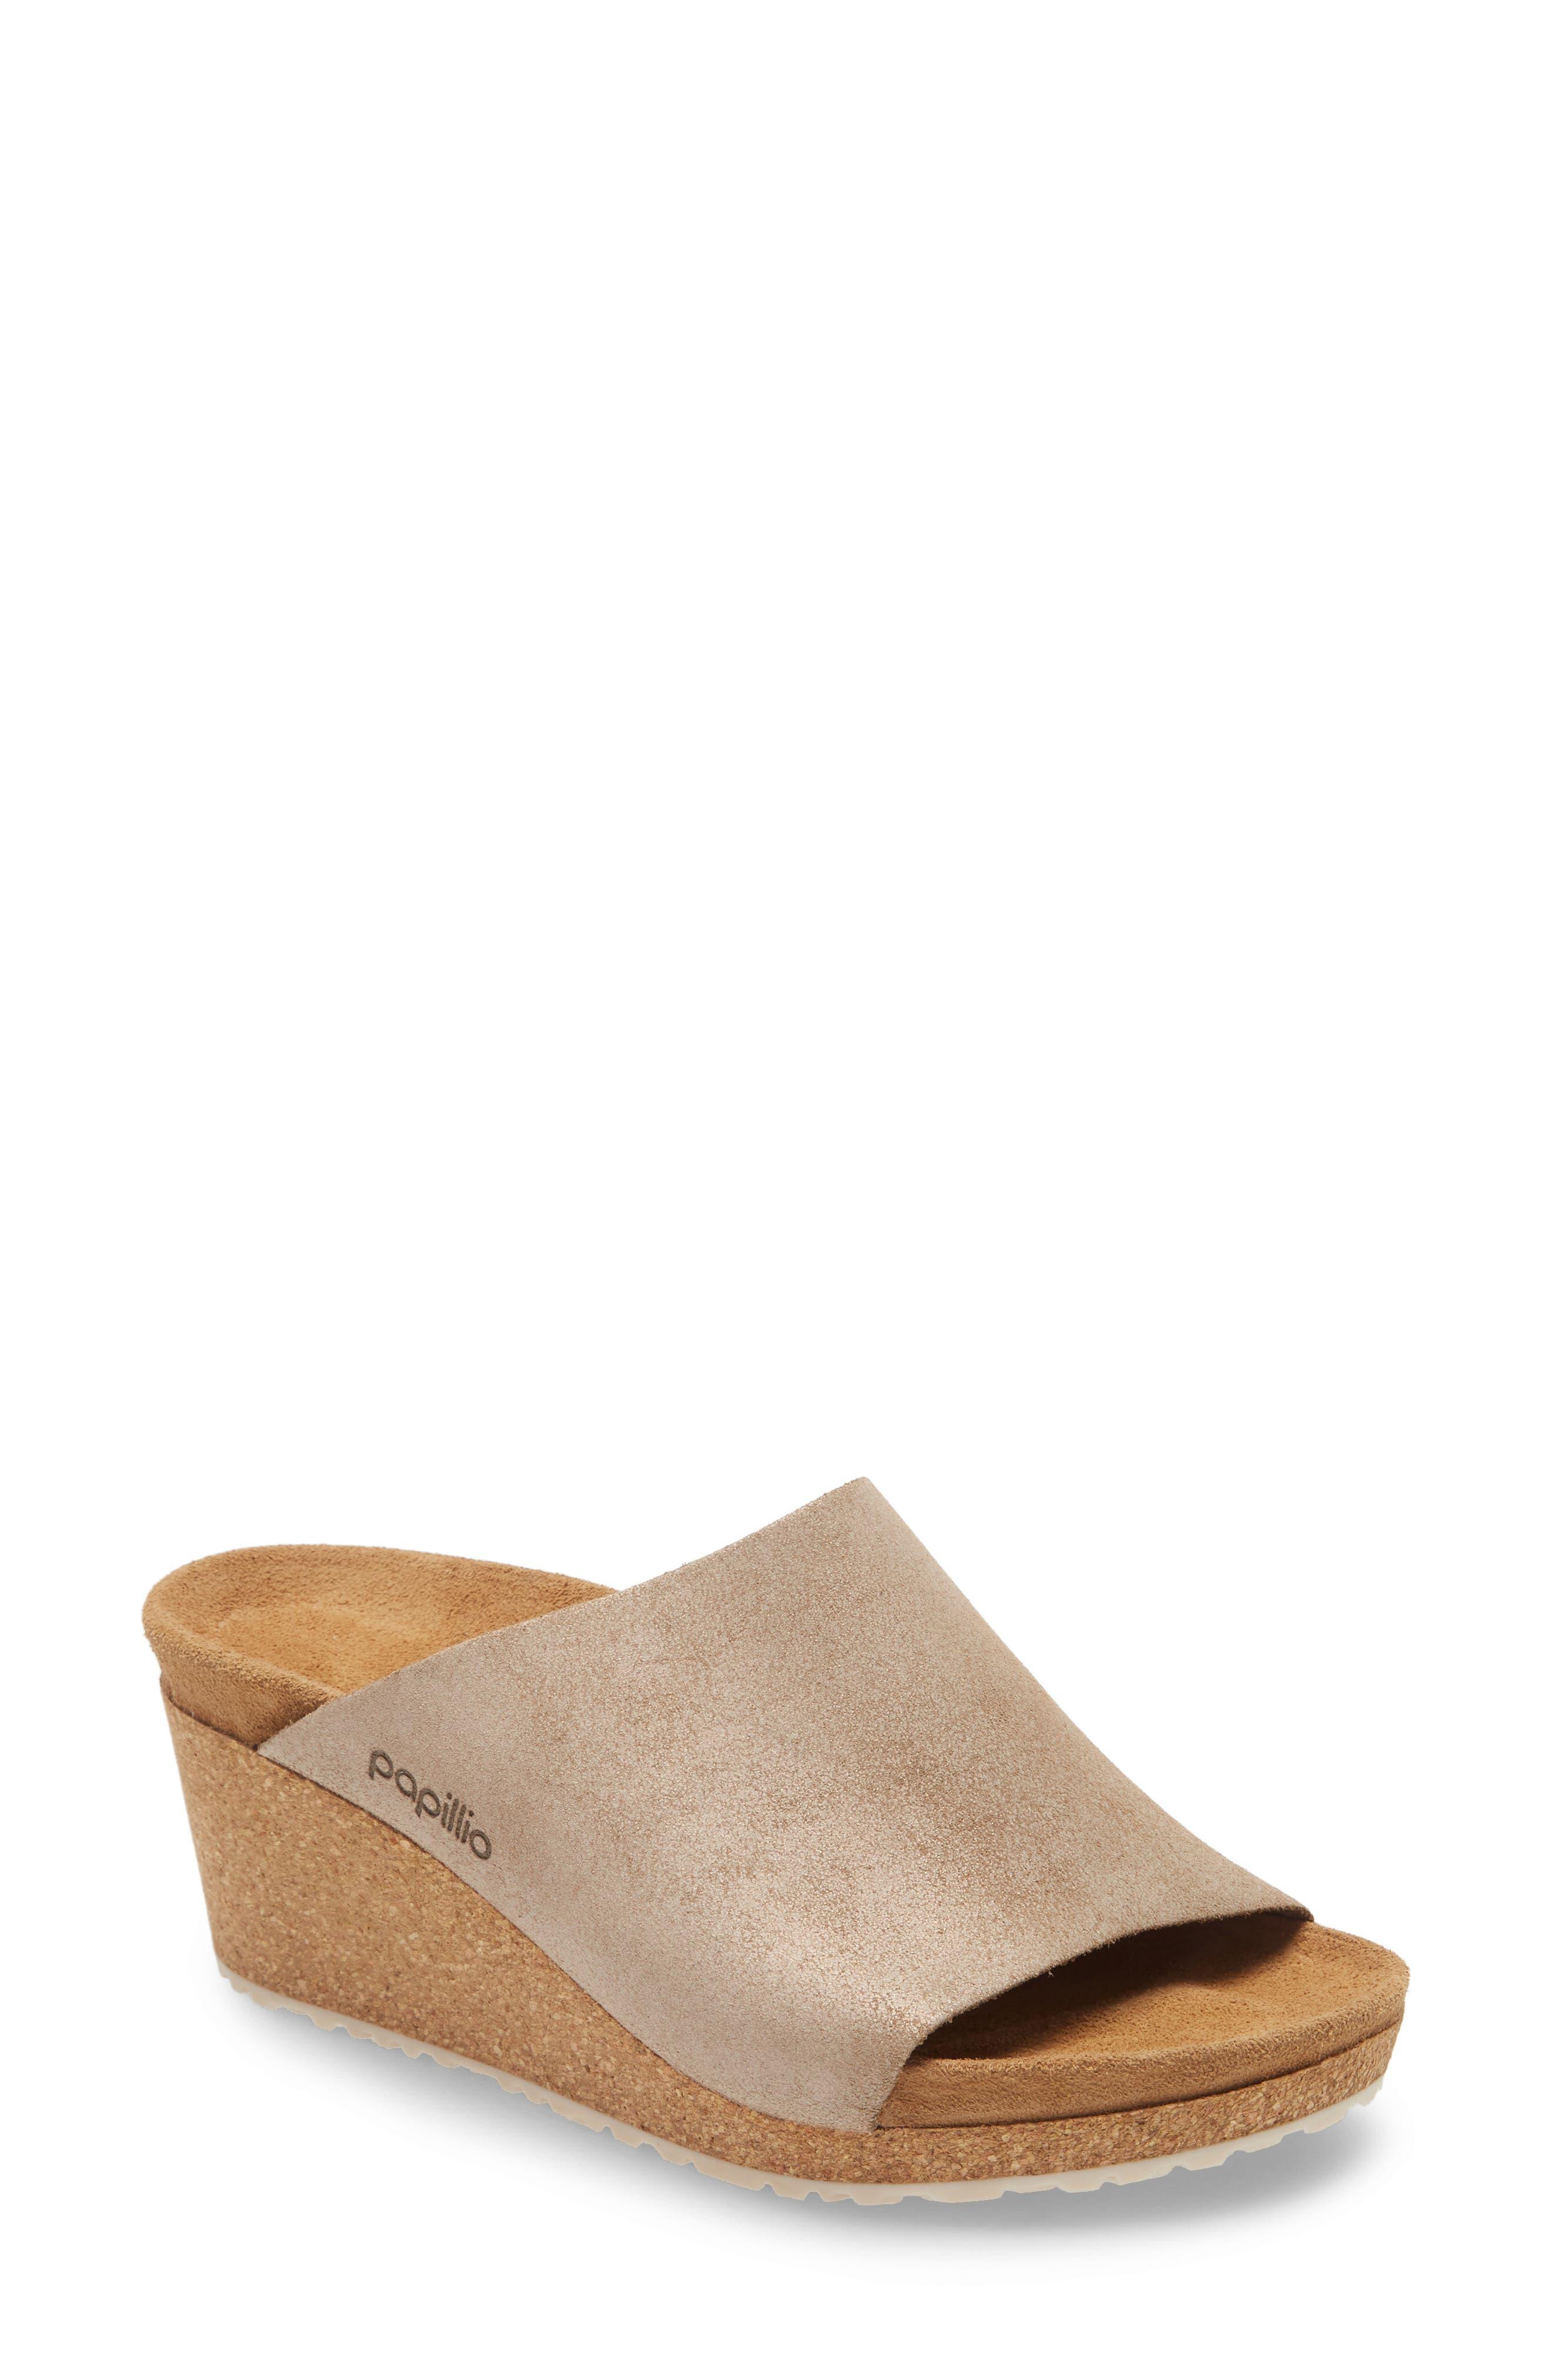 Image of Birkenstock Namica Wedge Sandal